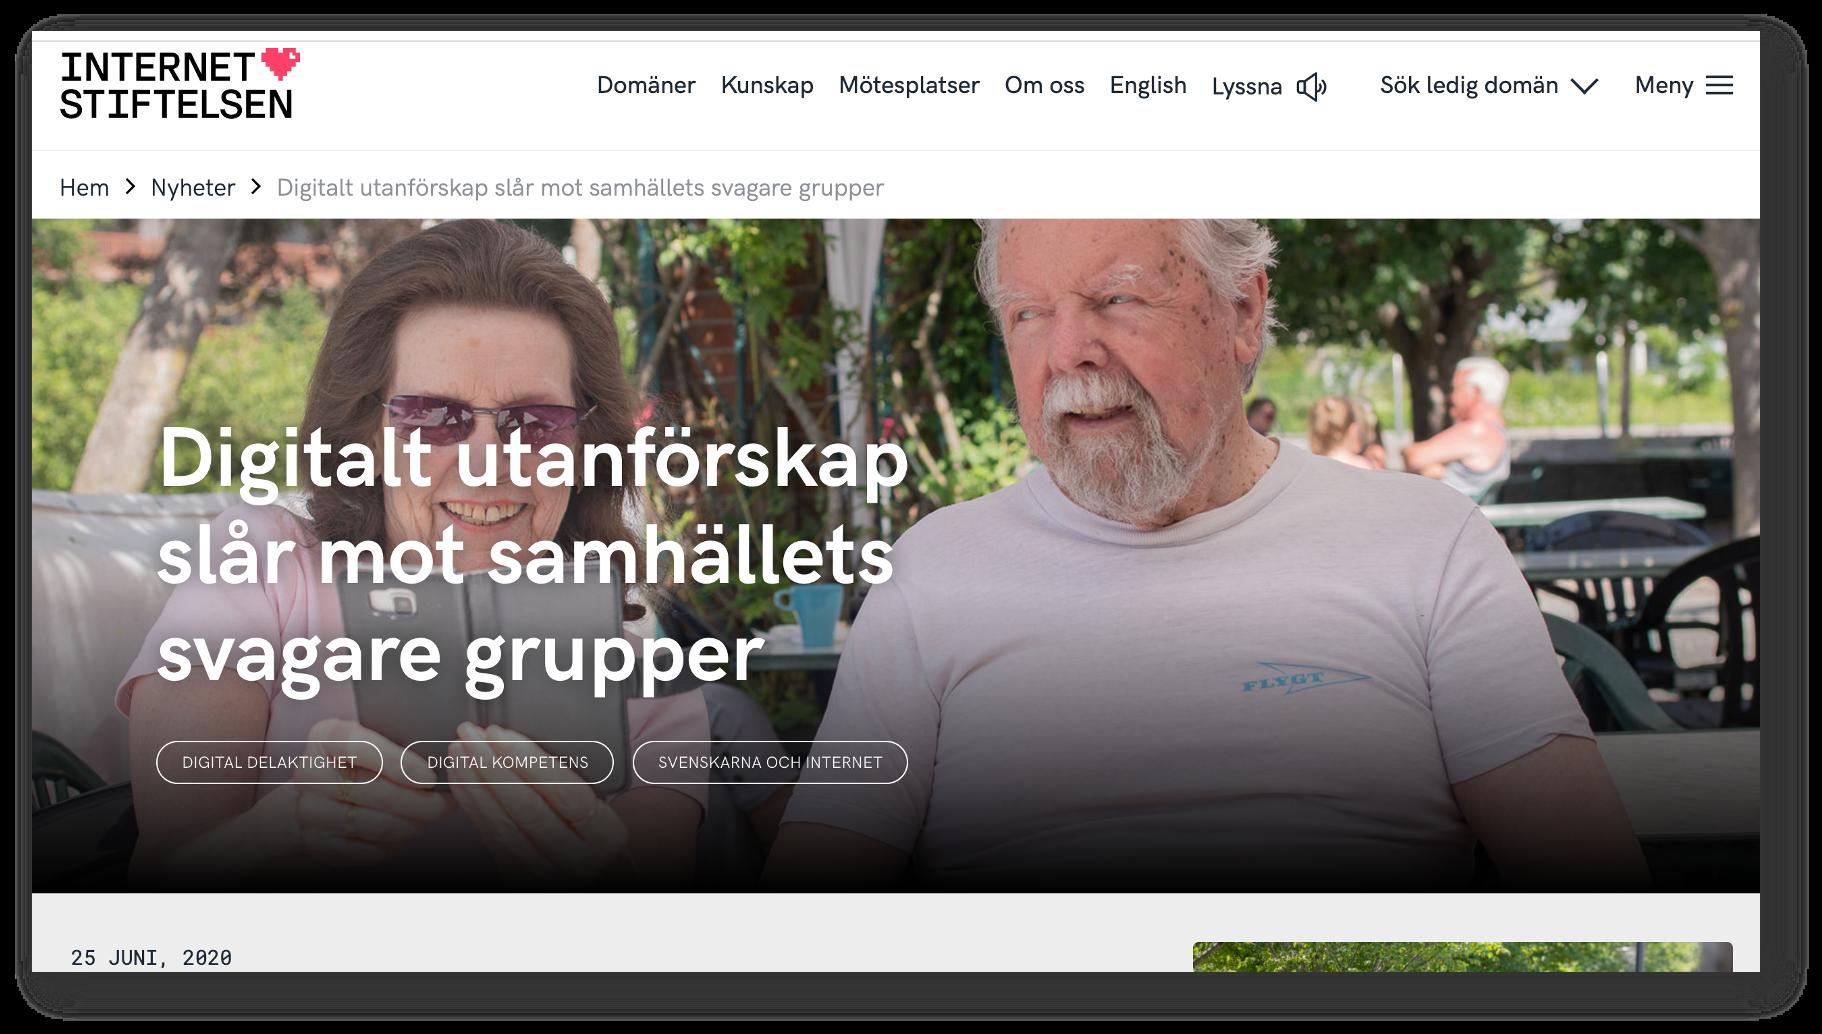 Skärmdump från Internetstiftelsens webbartikel om rapporten